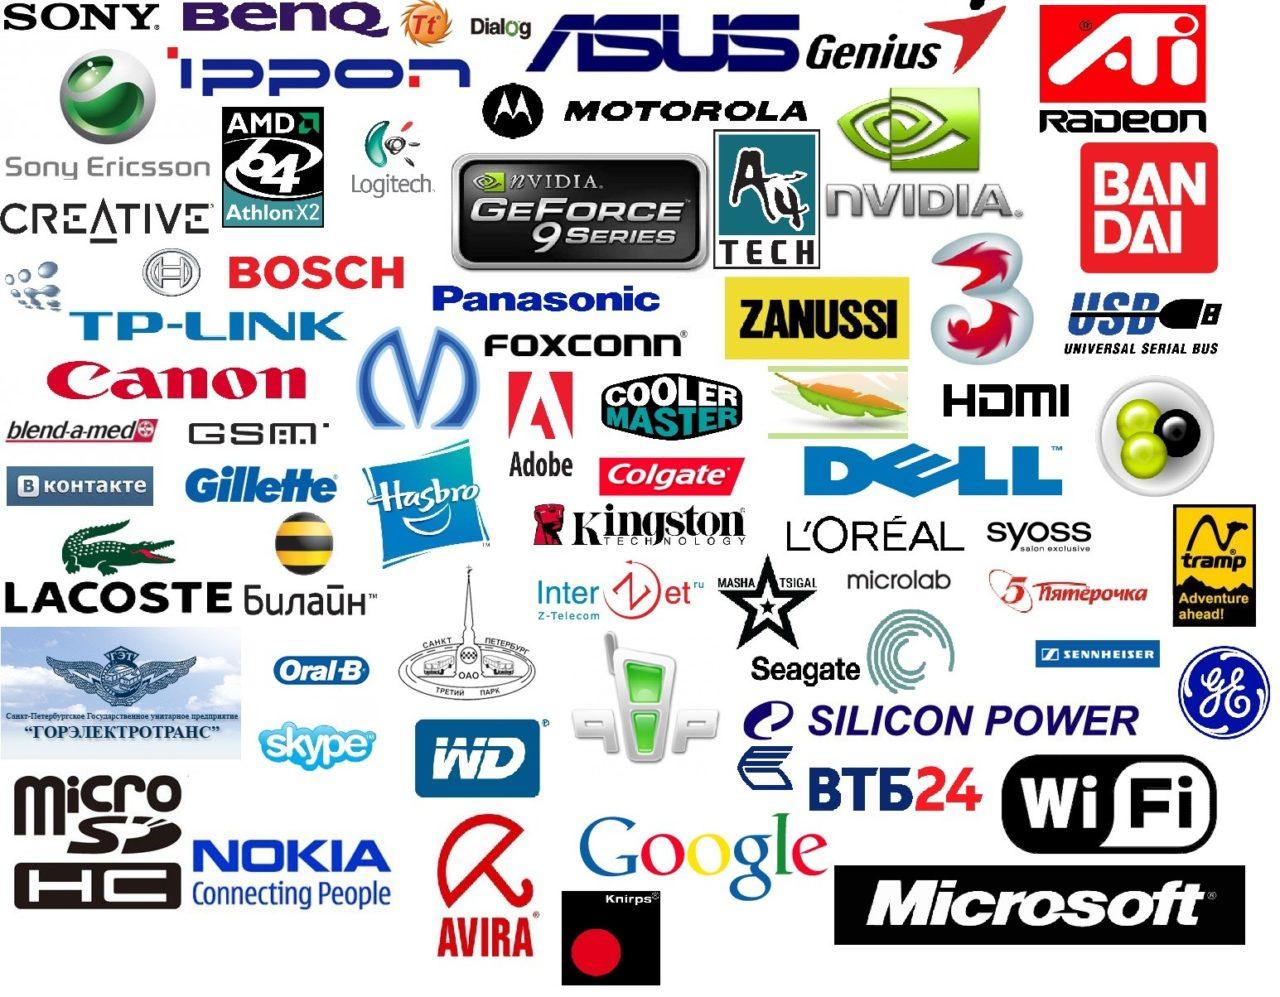 названия логотипов и брендов с картинками этом случае сбор